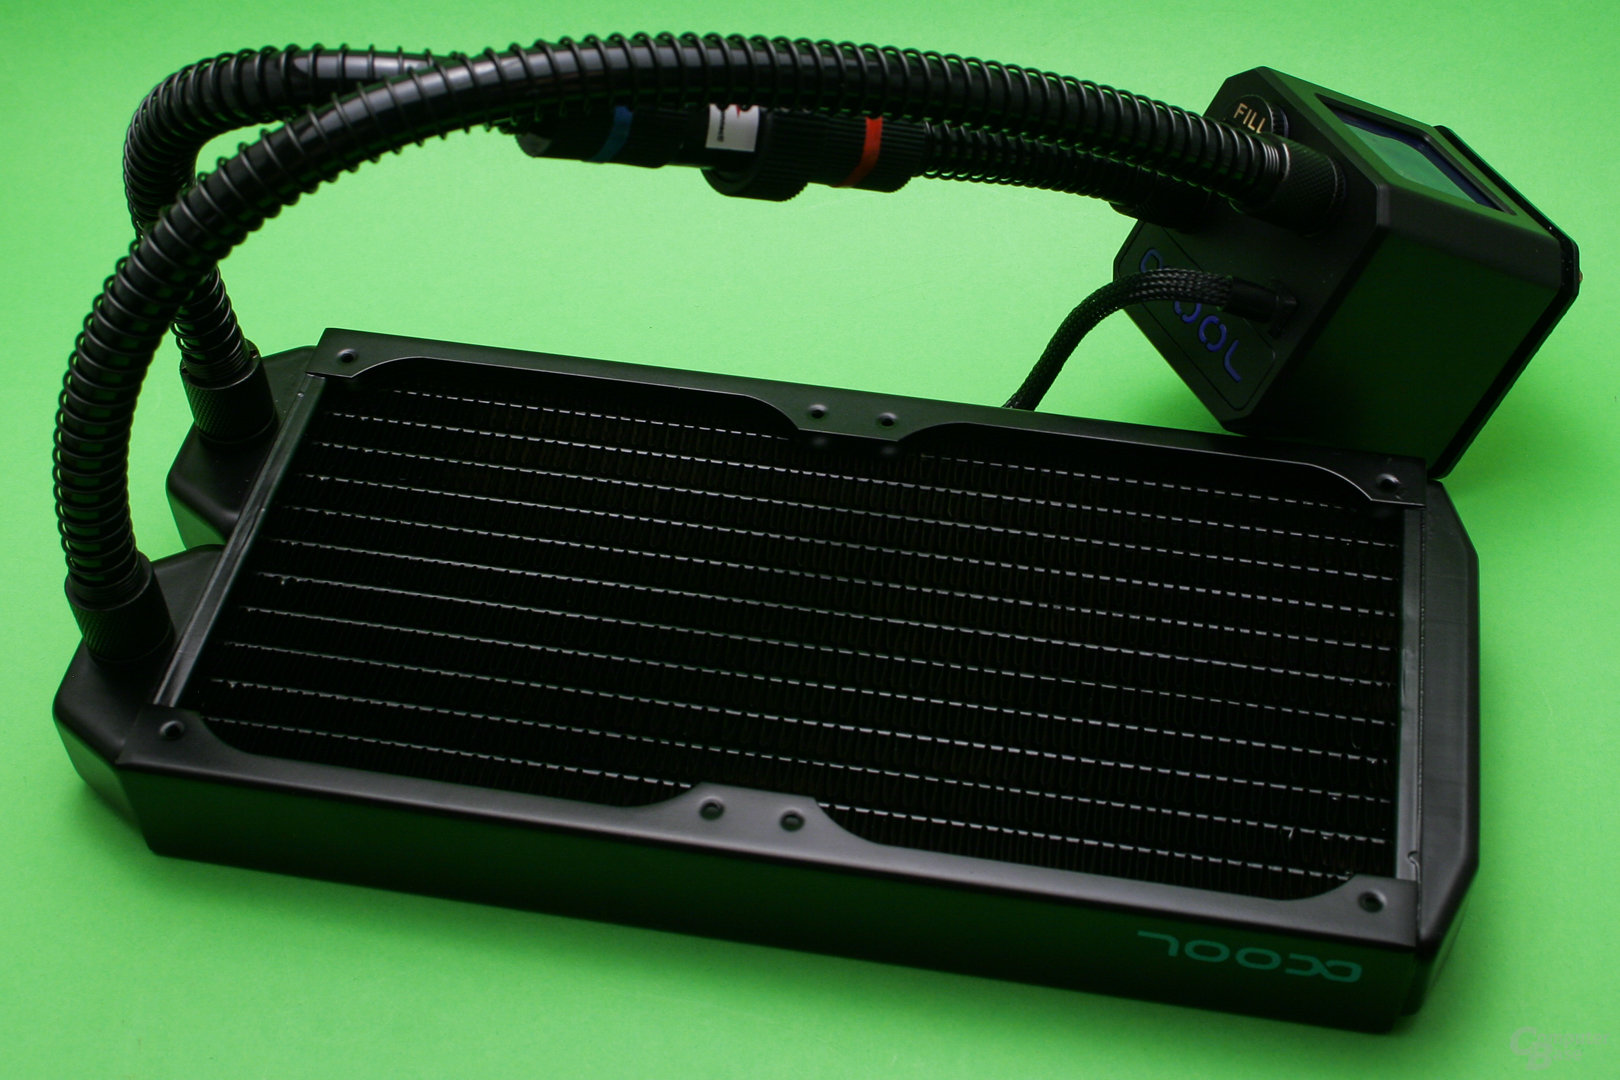 Alphacool Eisbaer: Radiator und Pumpe werden mit 11/8-Schläuchen verbunden